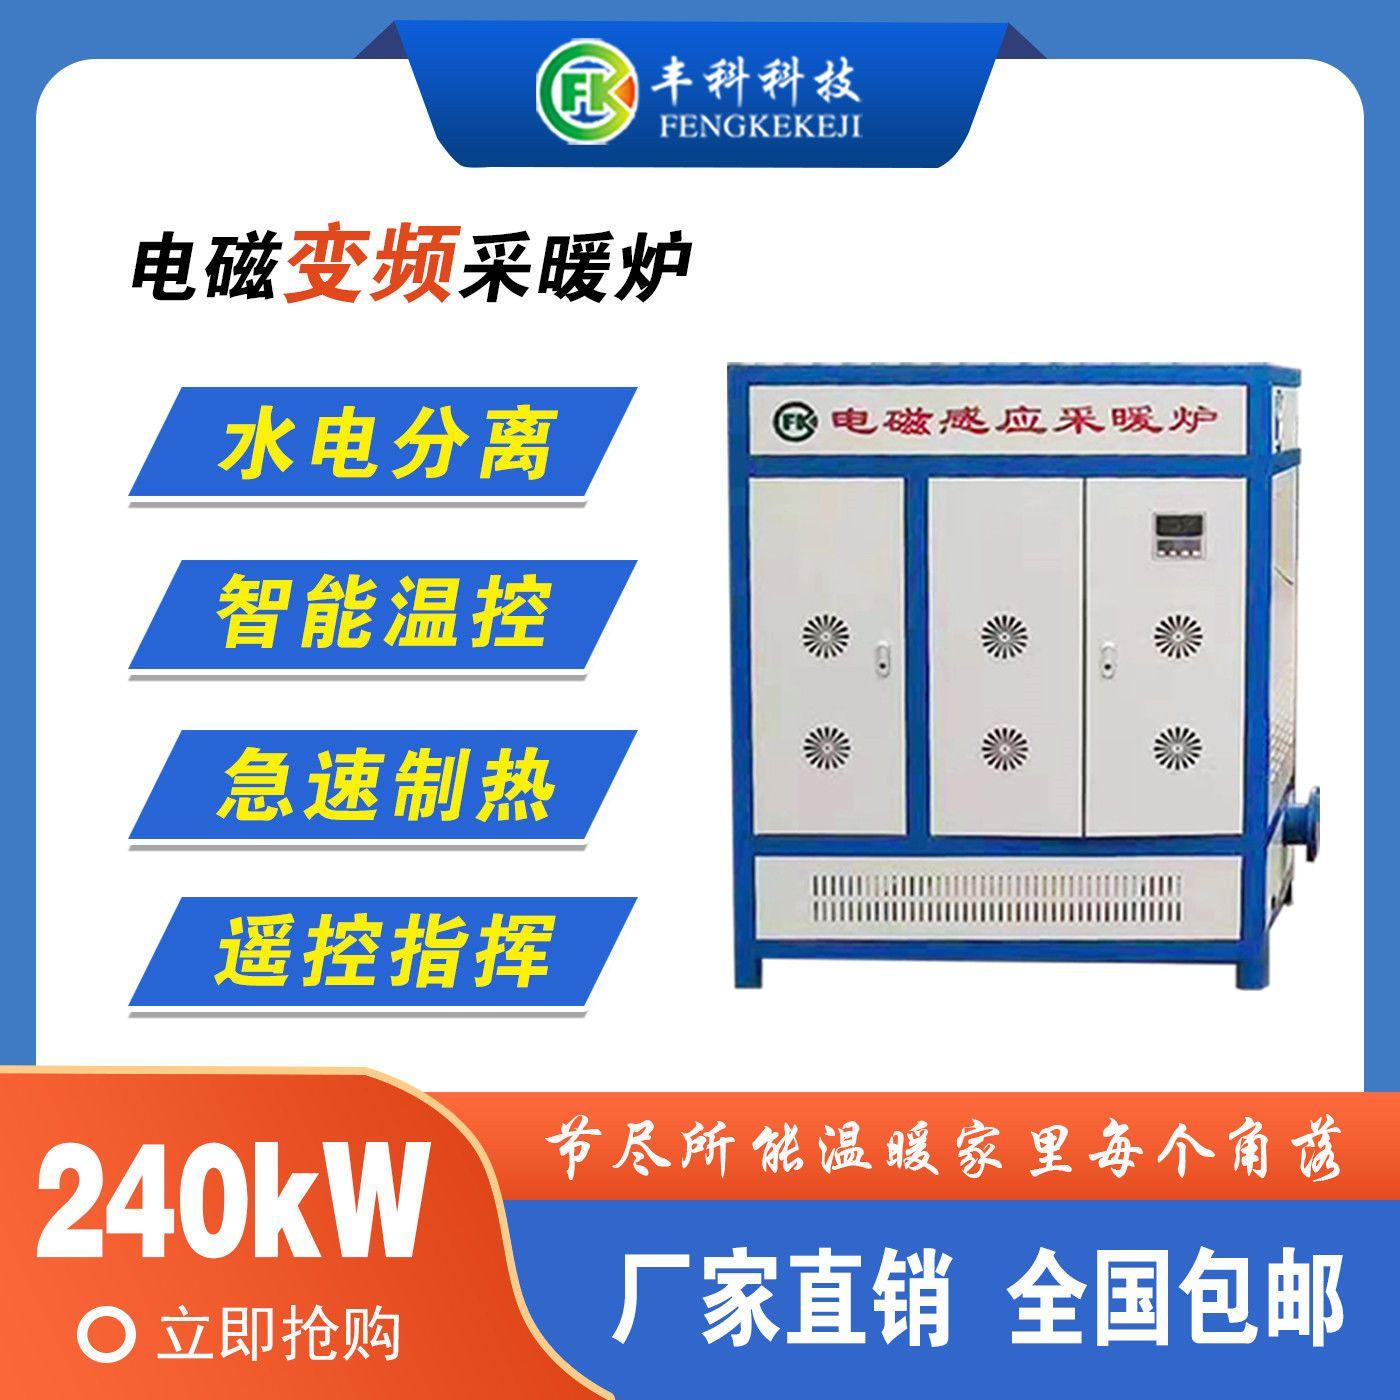 丰科240KW电磁采暖炉 智能采暖电锅炉 价格面议